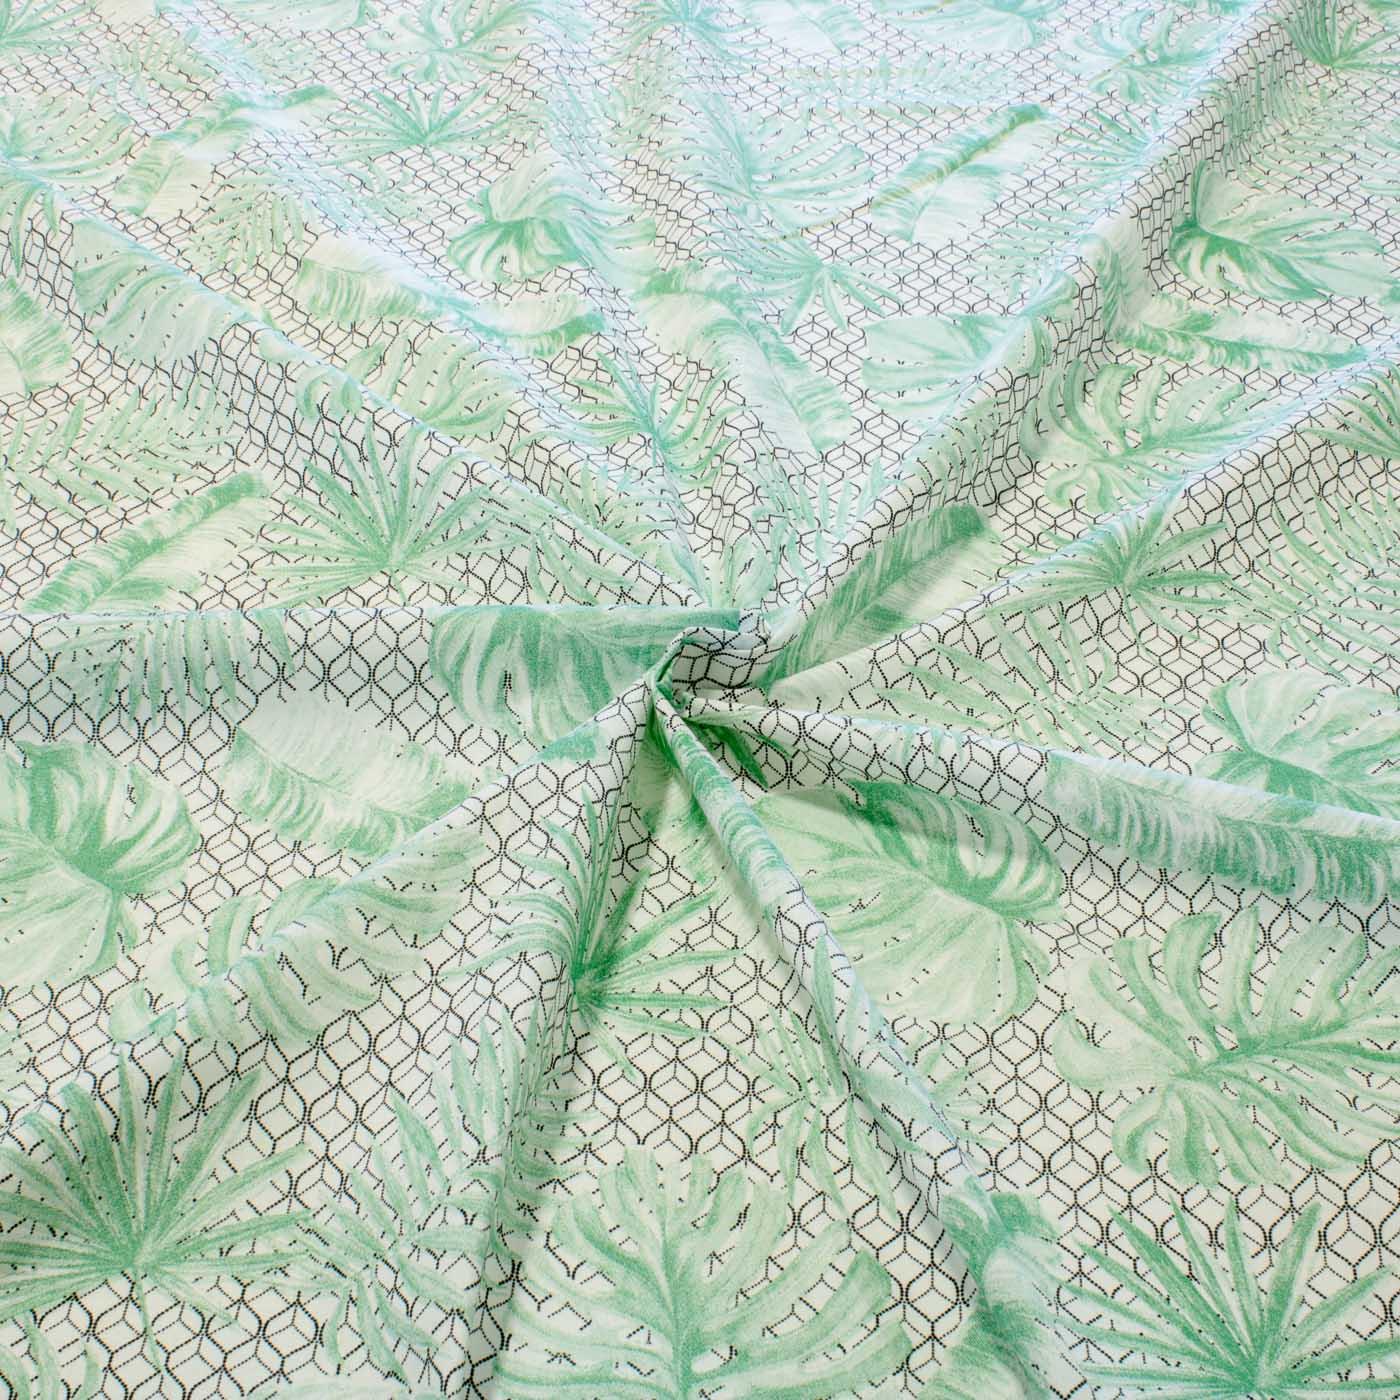 Tecido Percal Estampado 100% Algodão 2,50 m Largura Folhas Verdes